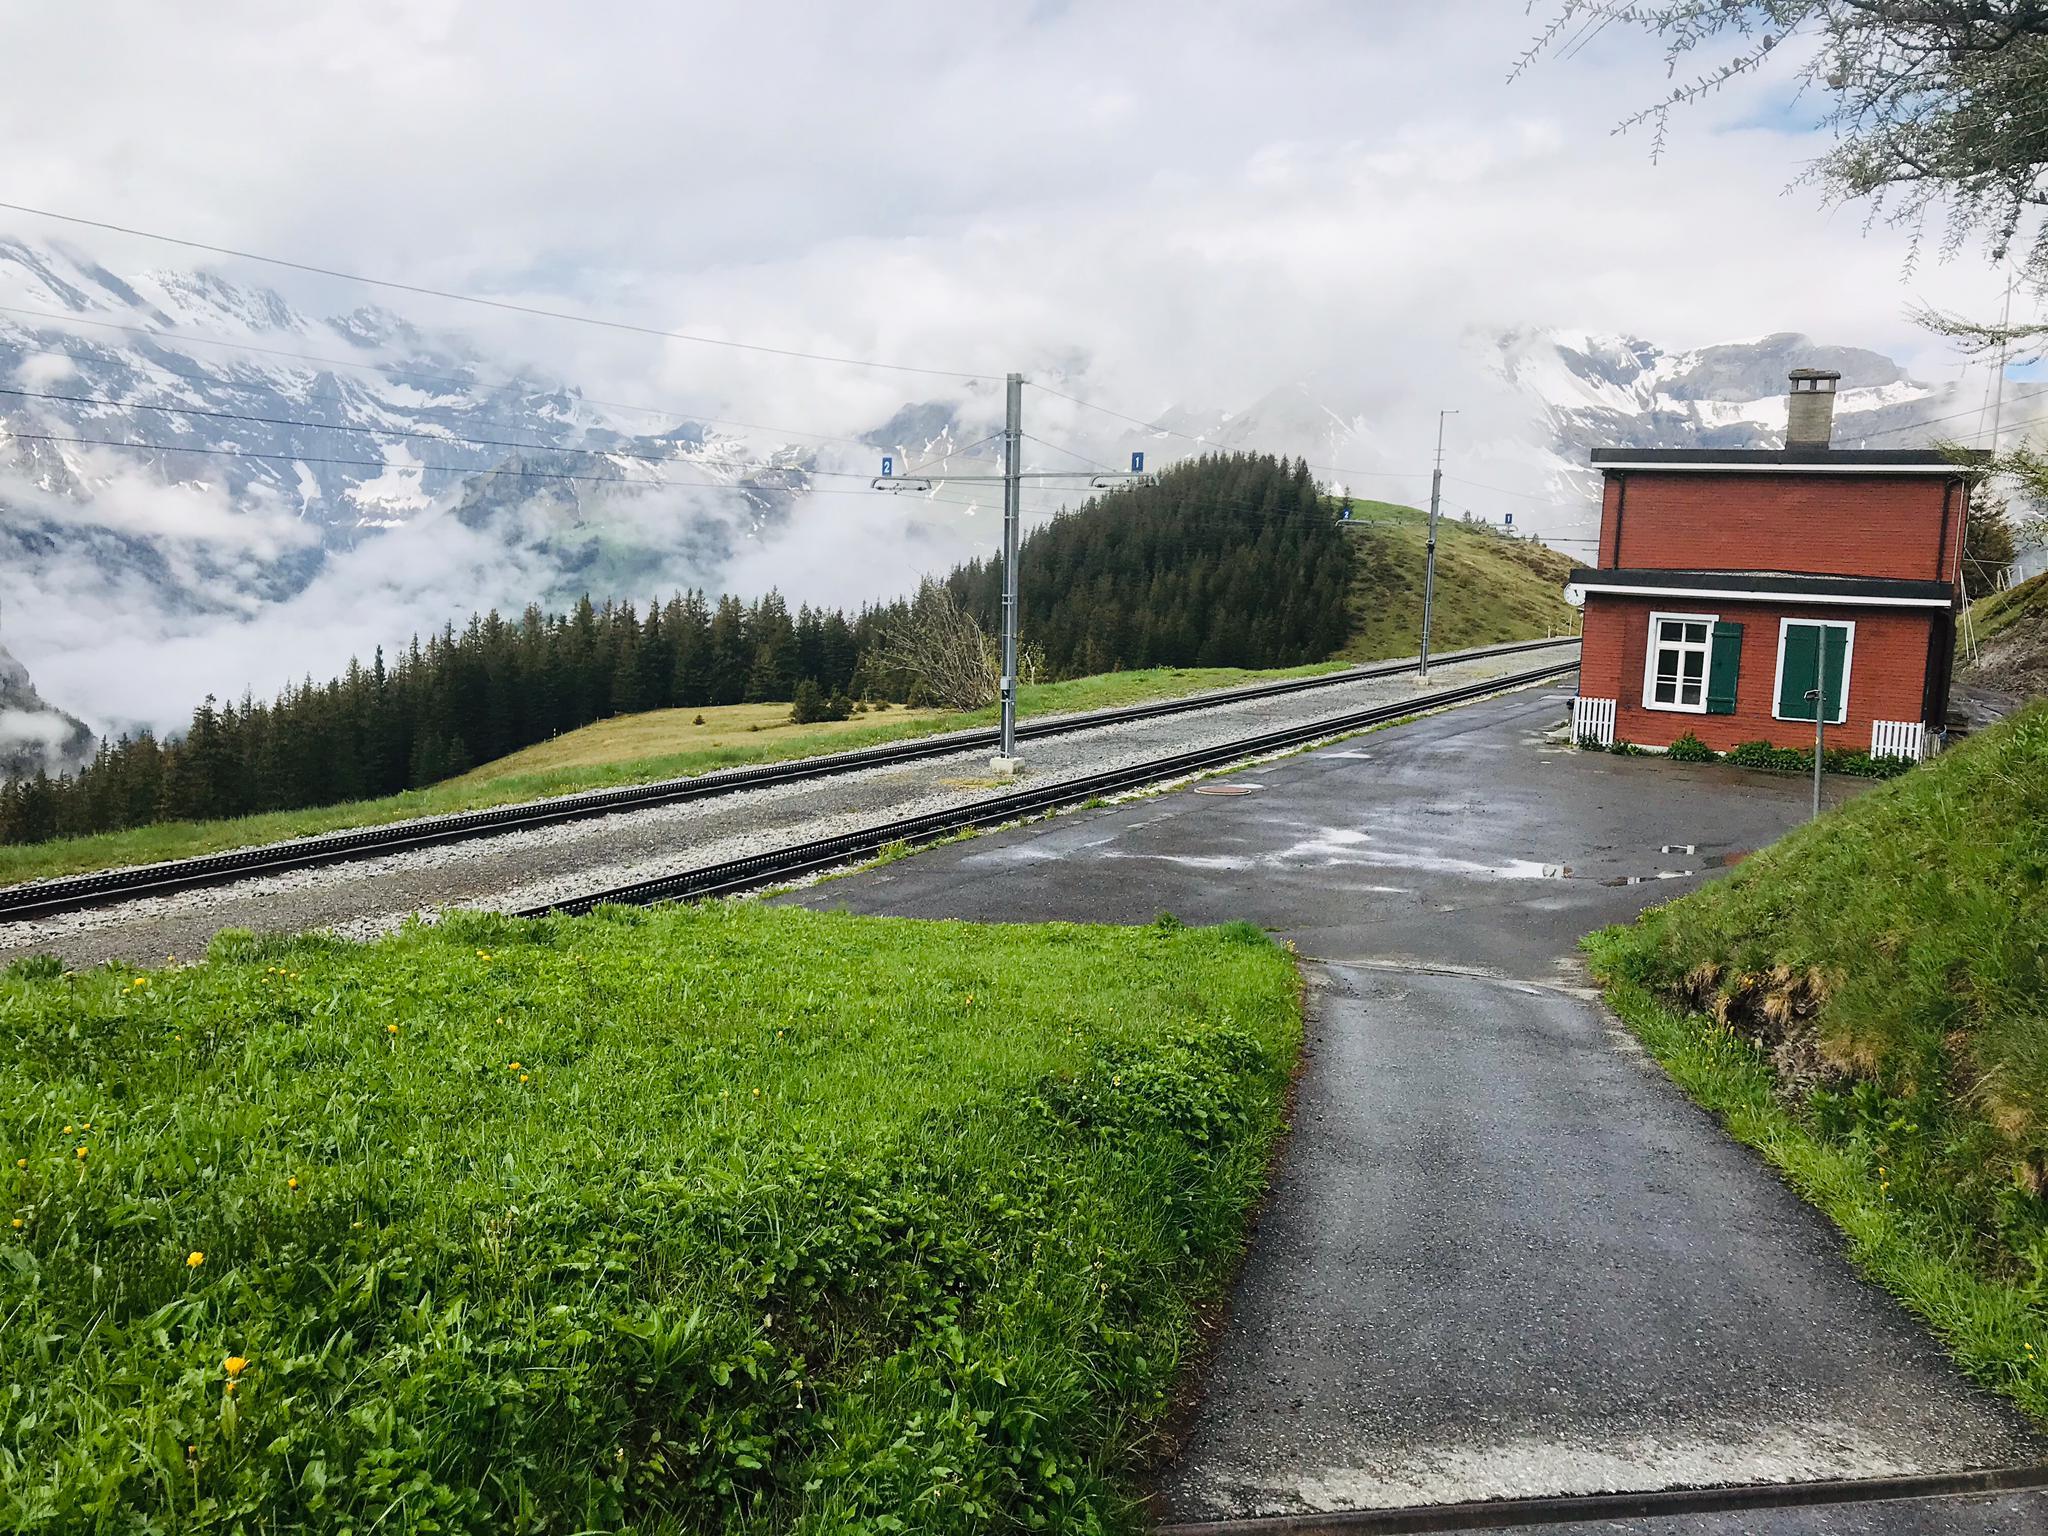 Ferienwohnung Chalet Anemone Grindelwald-Wengernalp Bahnhof Aussicht